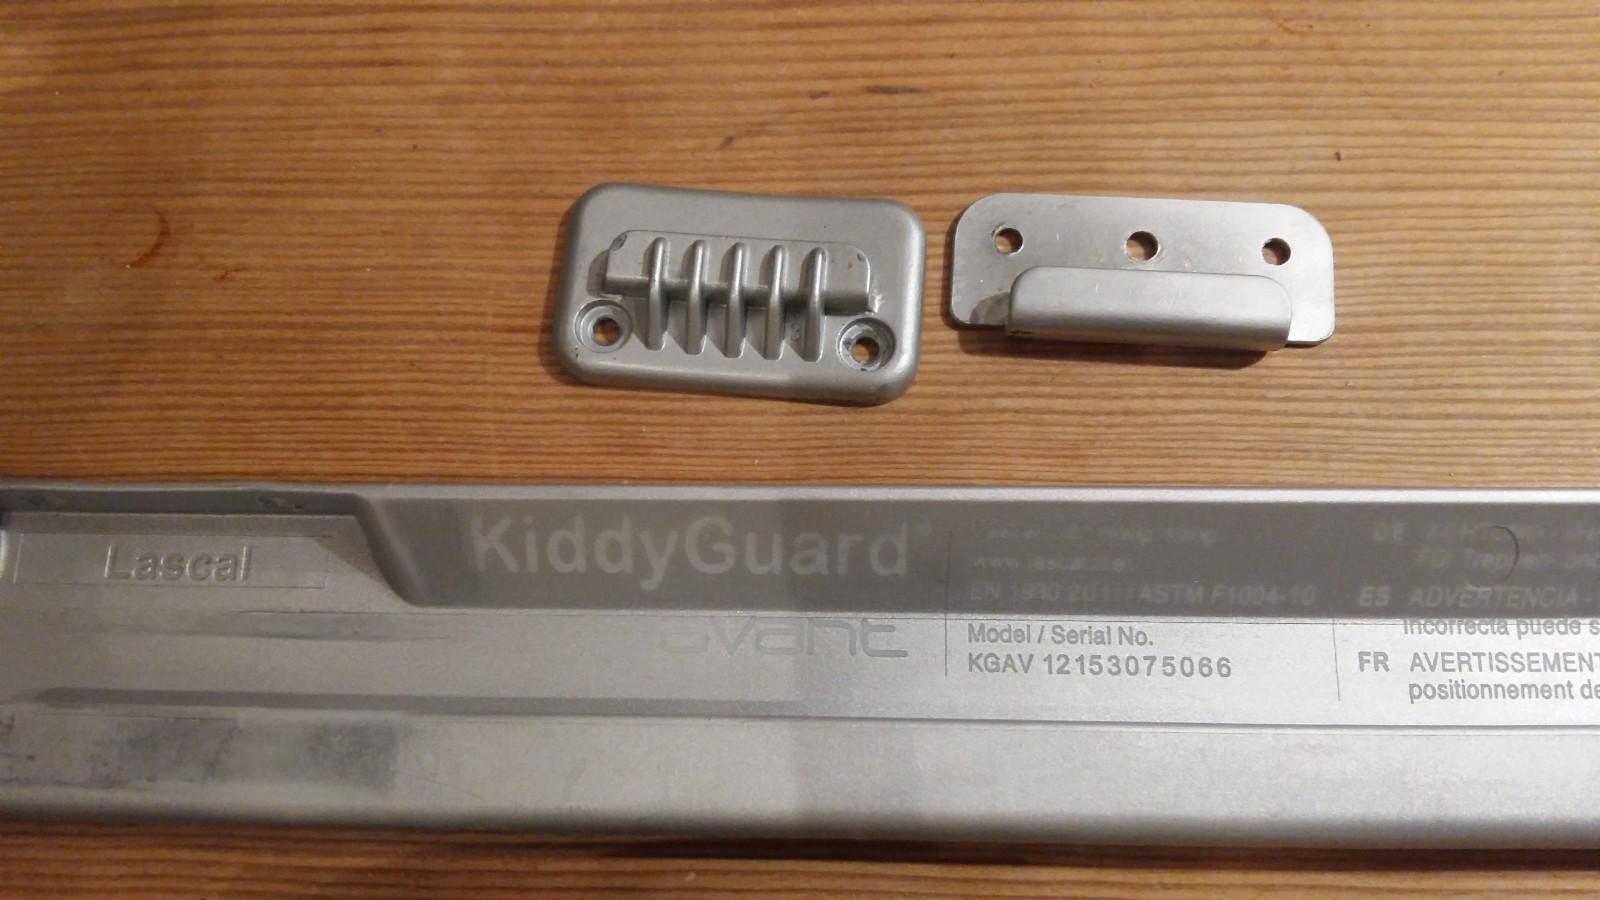 KiddyGuard Avant trappegrind - Oslo  - Selger en hvit Lascal KiddyGuard Avant. En smart og arealeffektiv trappegrind med rullegardinprinsipp som tar minimalt med plass i trappen. Den har vært perfekt i vår lille gang med trapp ned til kjelleren.  Den er kjøpt i 2013 og god - Oslo